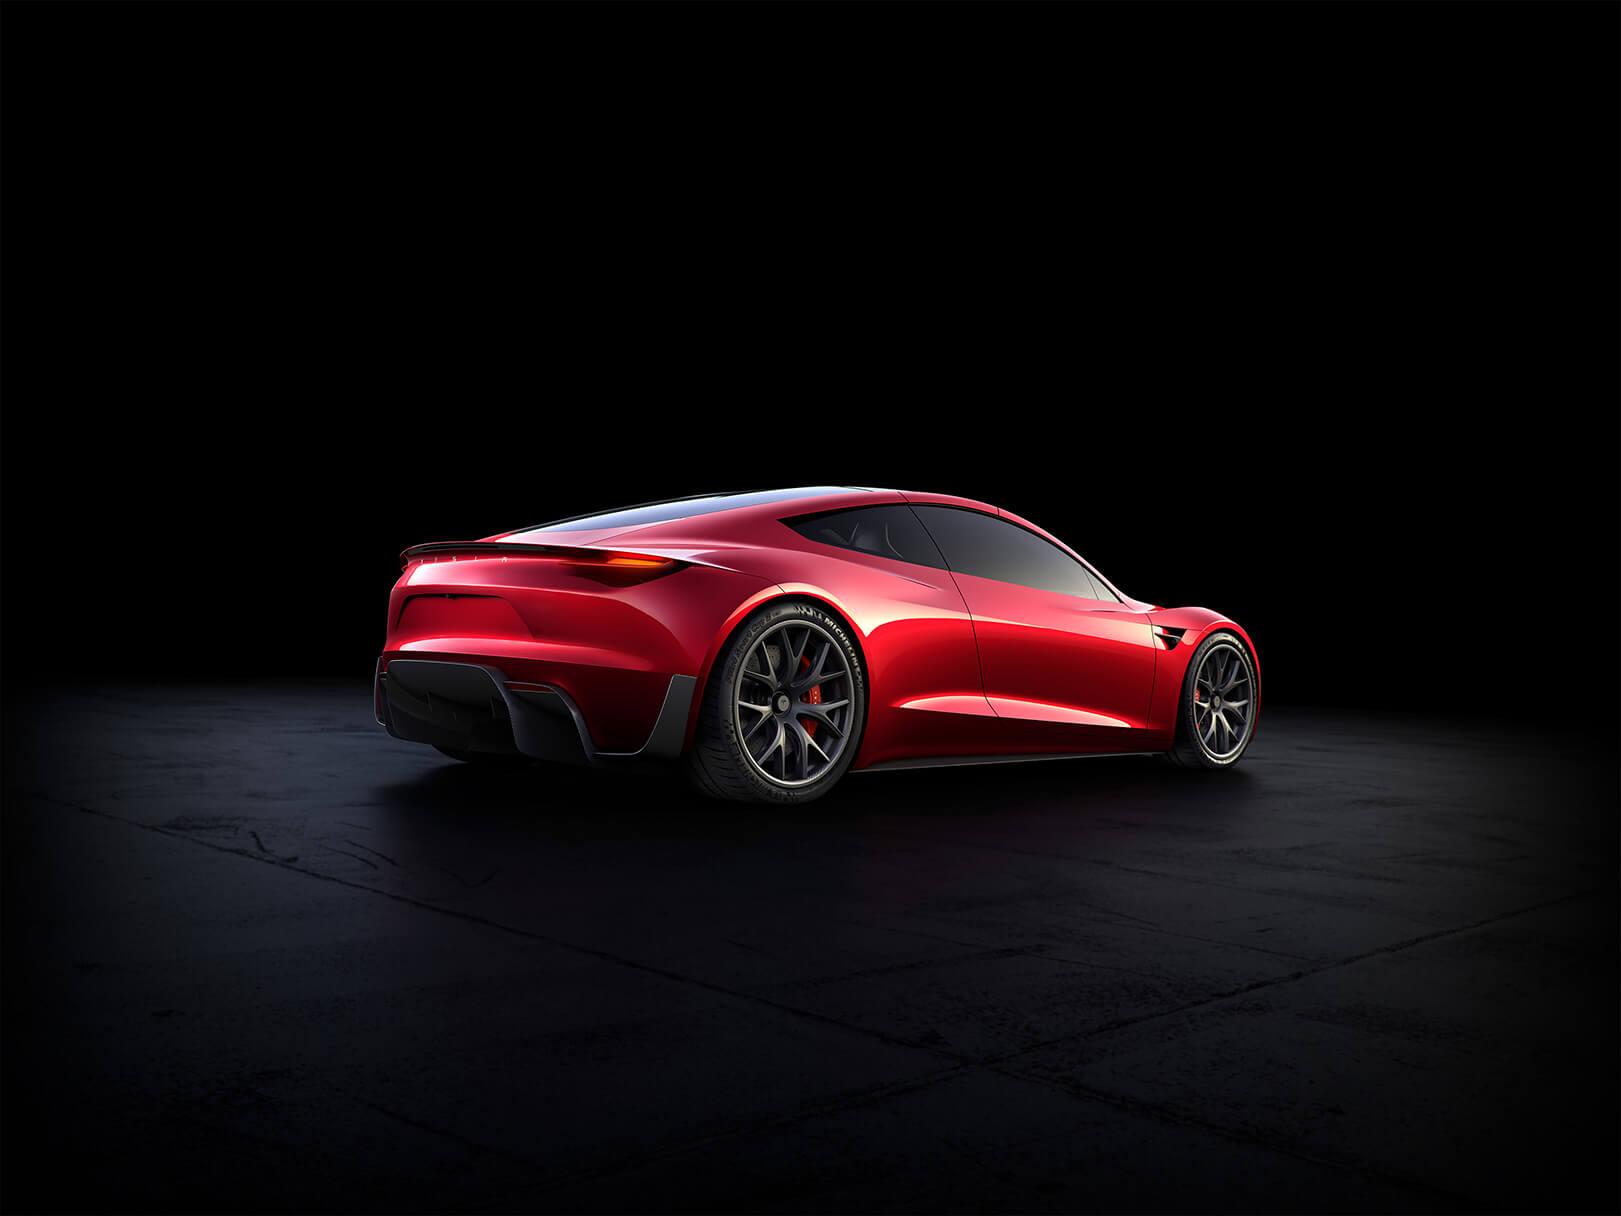 Tesla Roadster rear 3/4